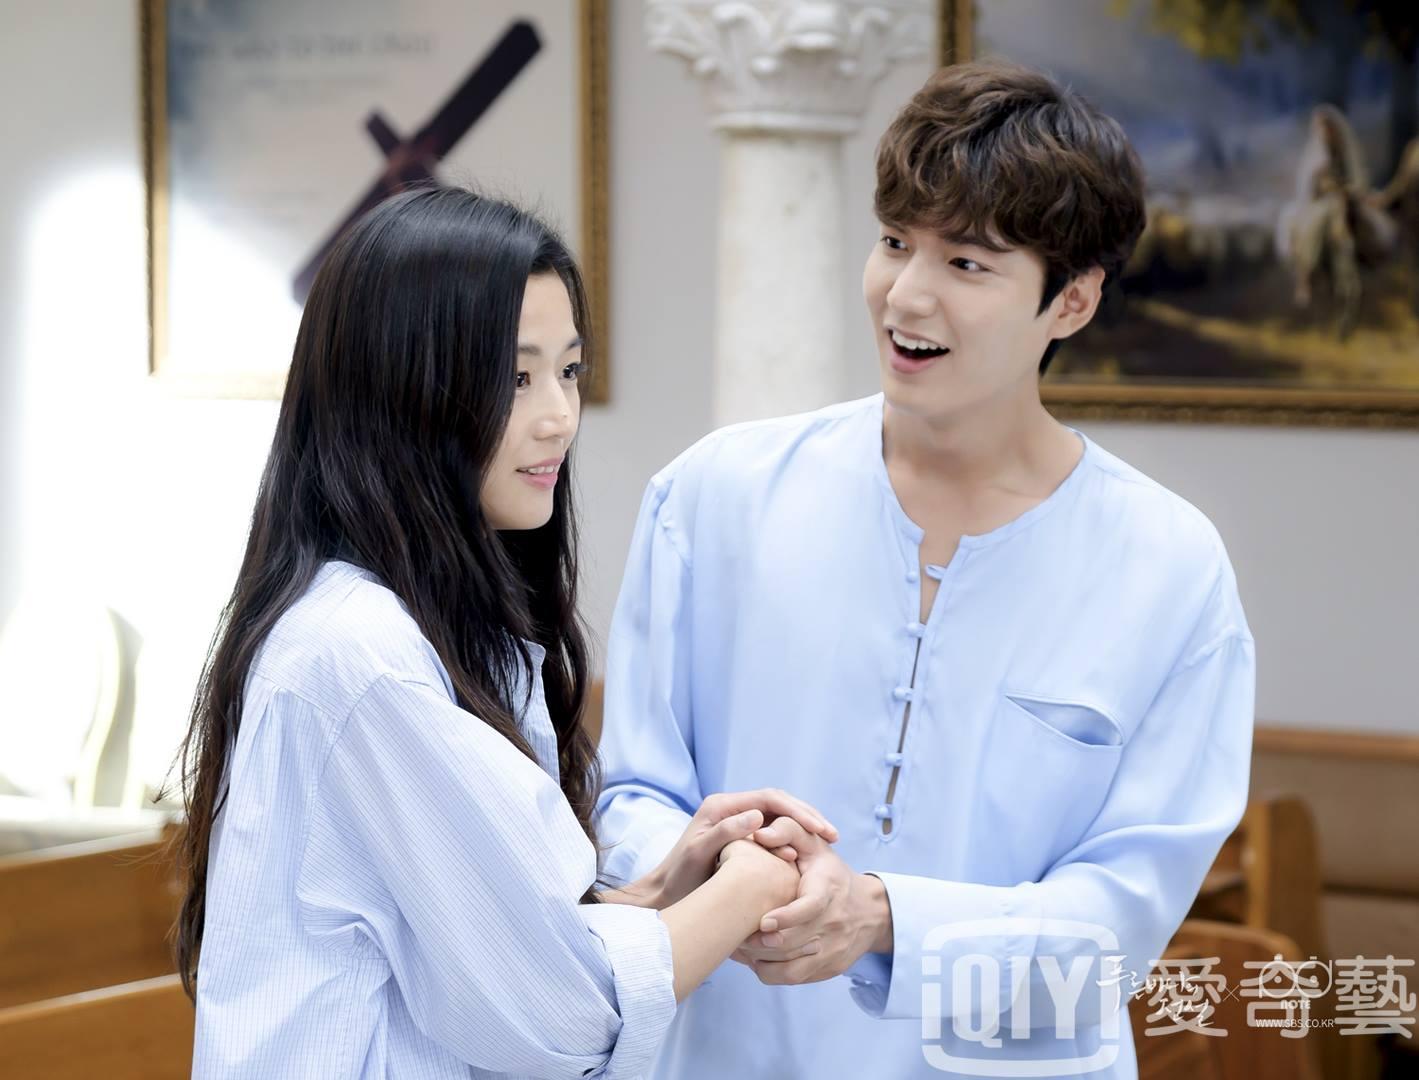 像是現在韓國收視率最高,集合了李敏鎬、全智賢共同演出的電視劇《藍色海洋的傳說》也獨家在《愛奇藝台灣》線上播映。